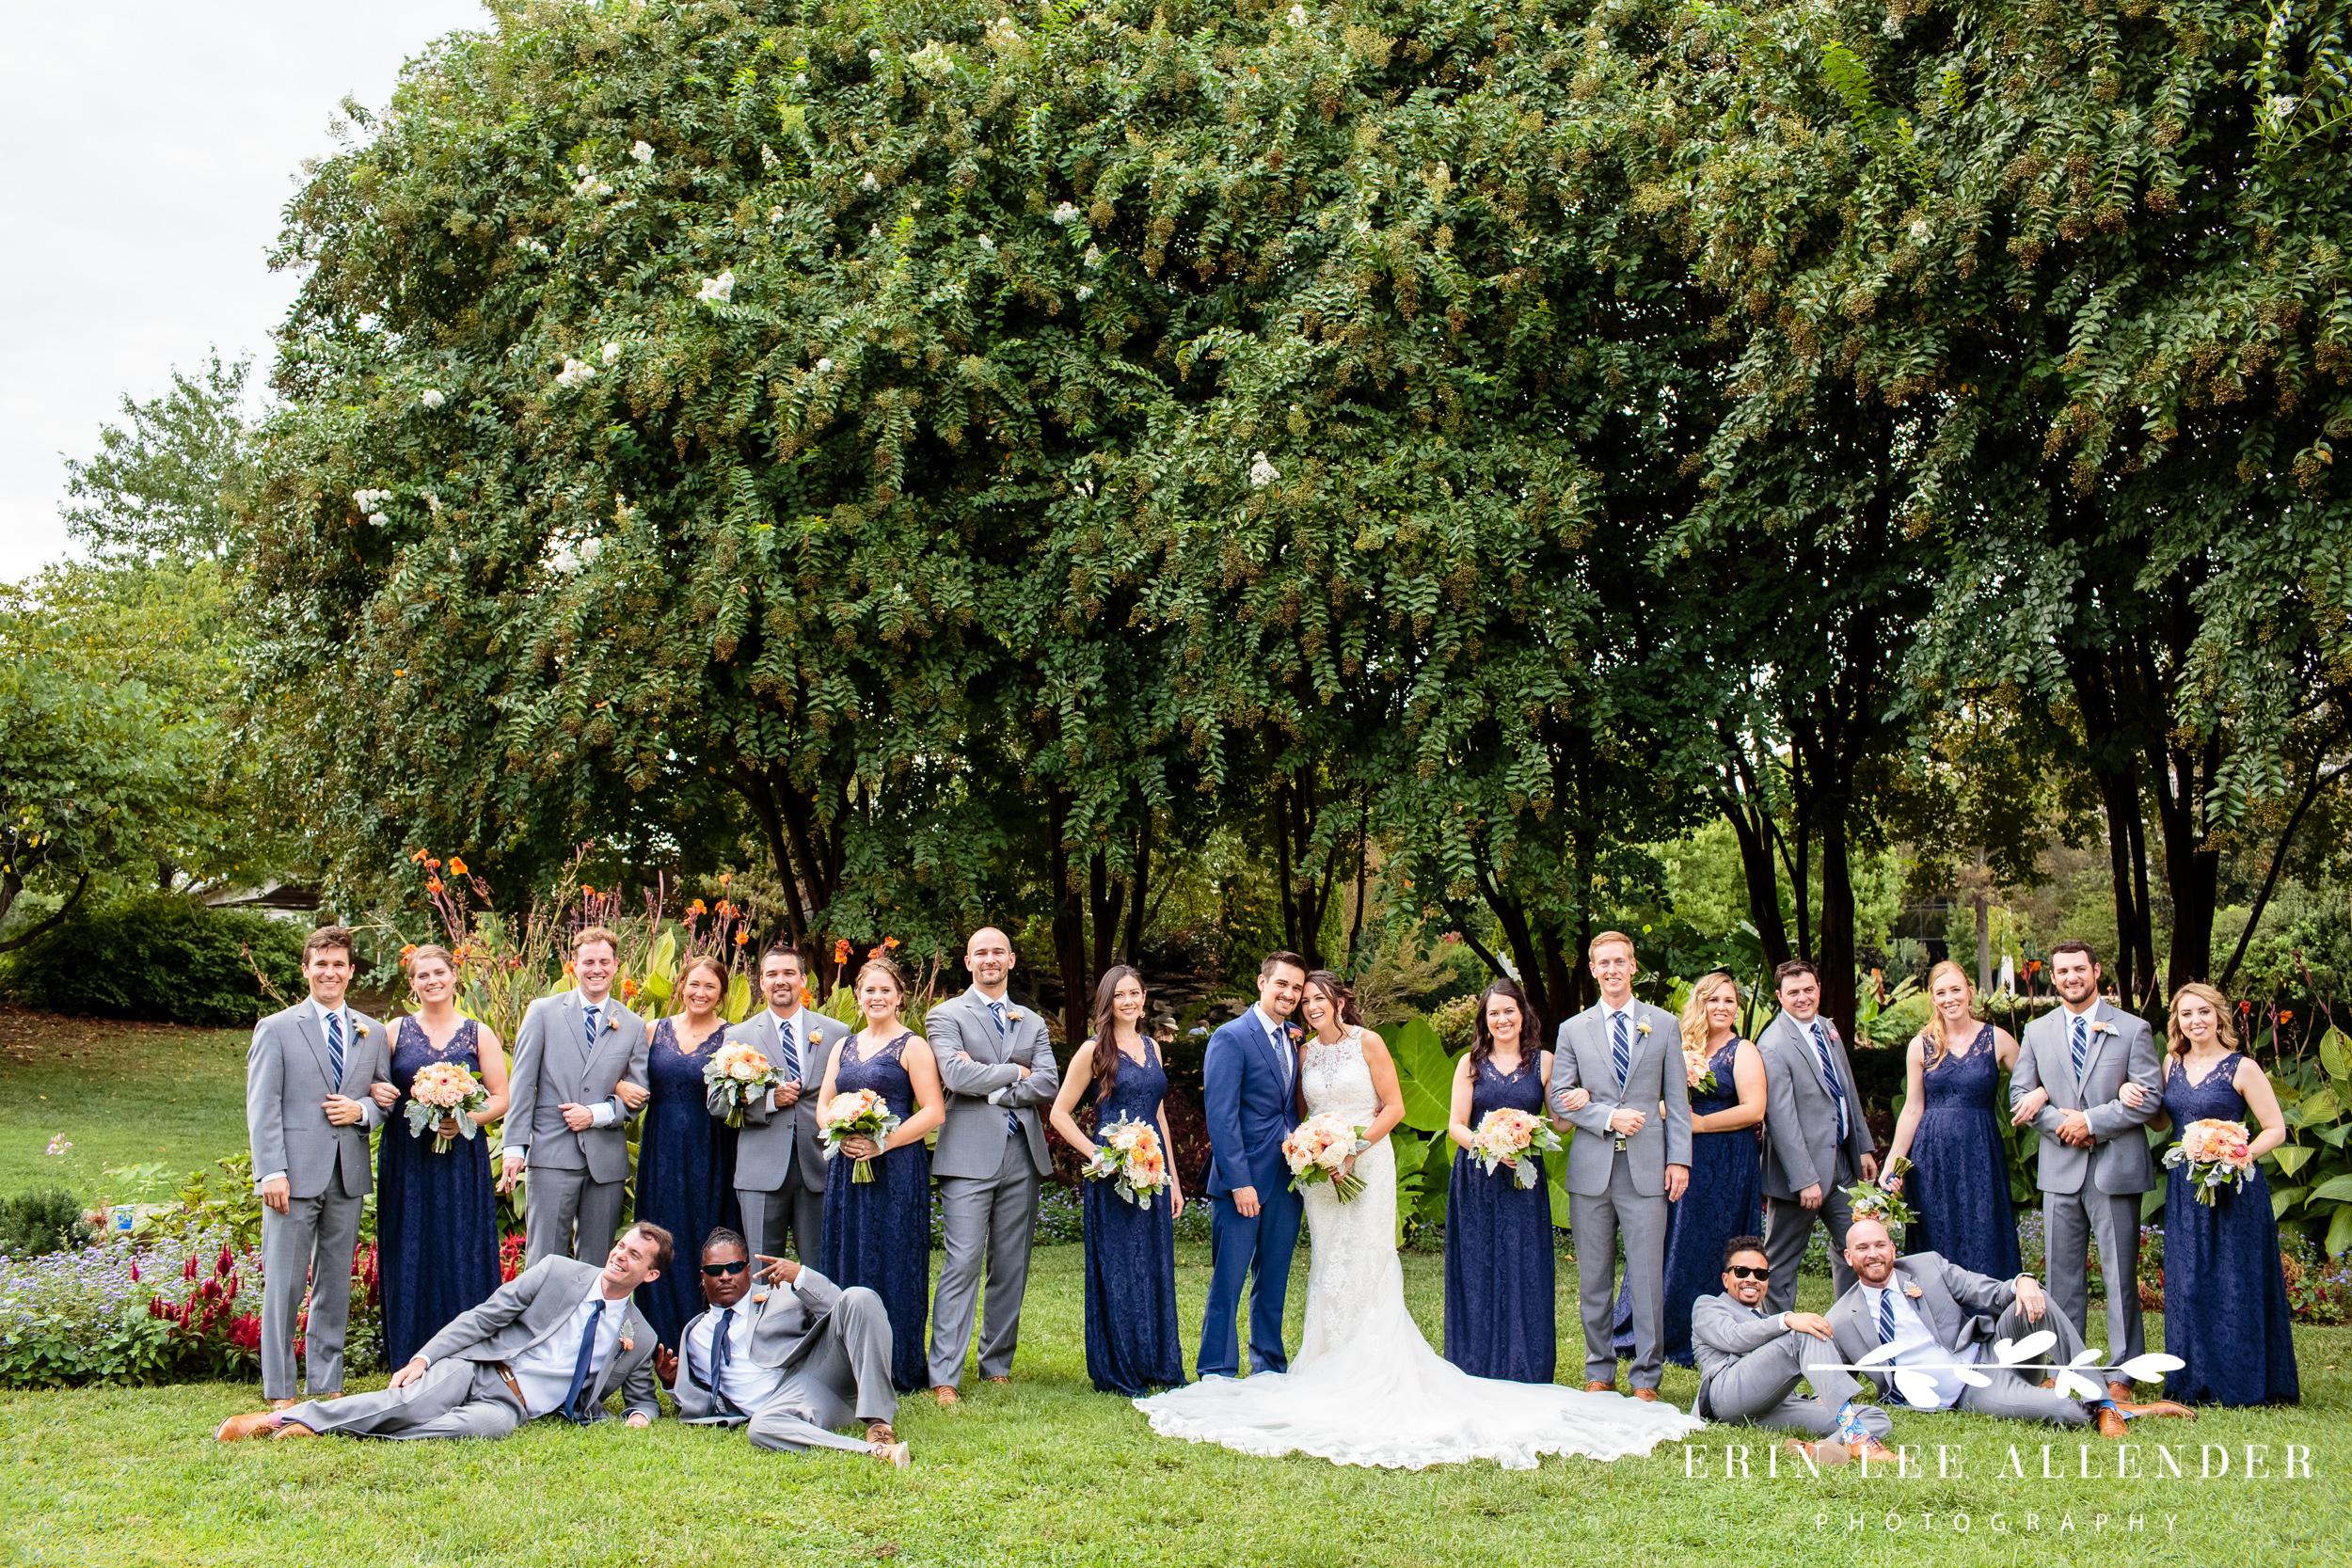 Fun-wedding-party-photograph